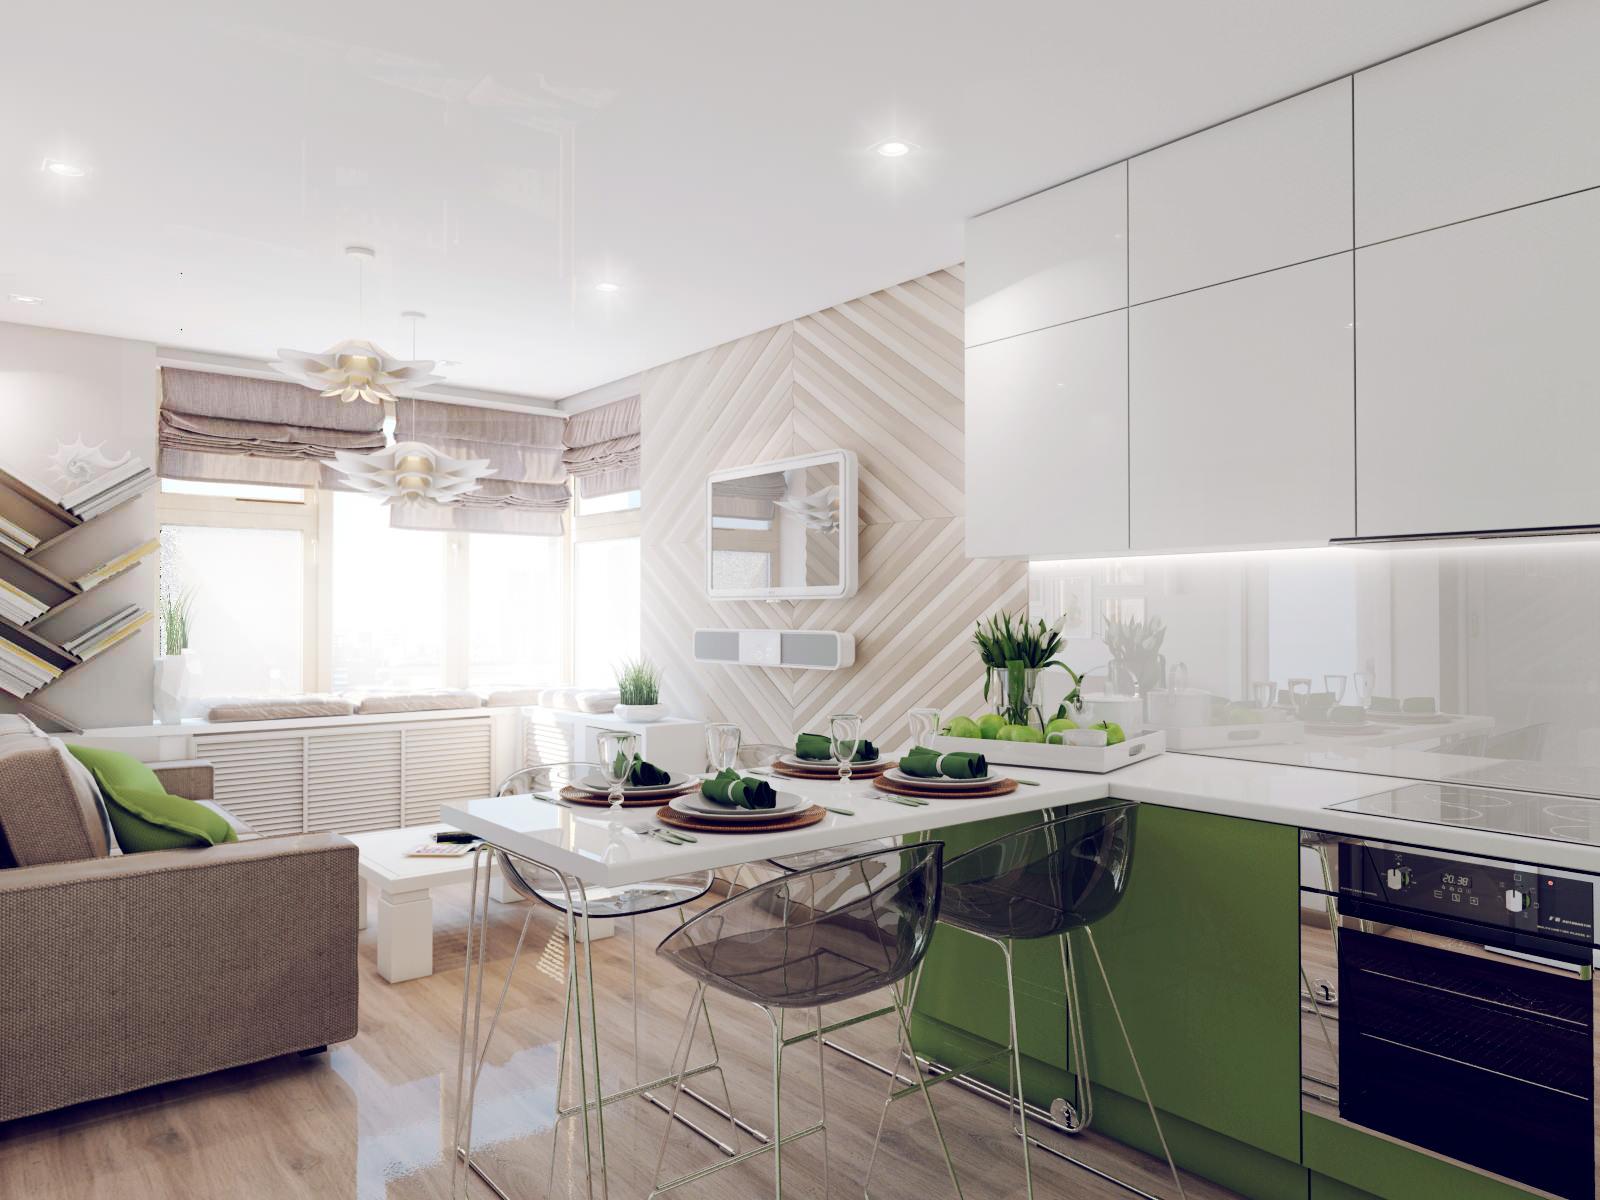 mini-apartament-sas-svej-i-praktichen-interioren-dizain-44-m-1g